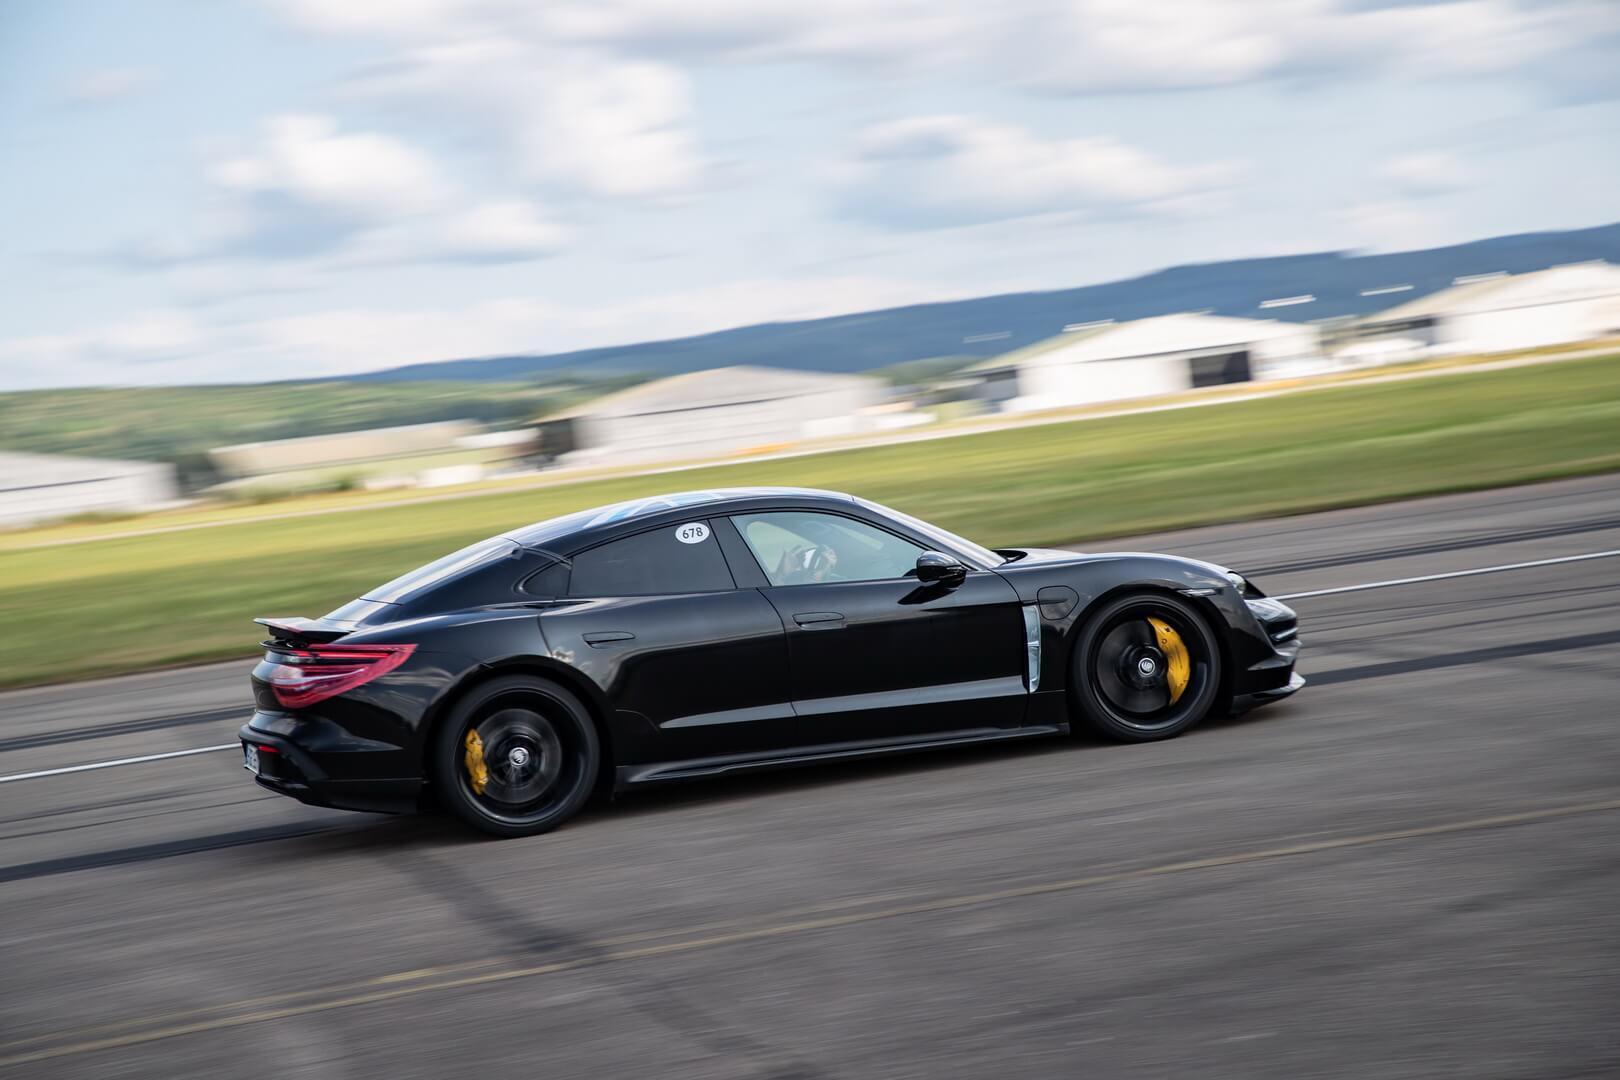 26 раз от 0 до 200 км/ч: уникальное испытание возможностей Porsche Taycan